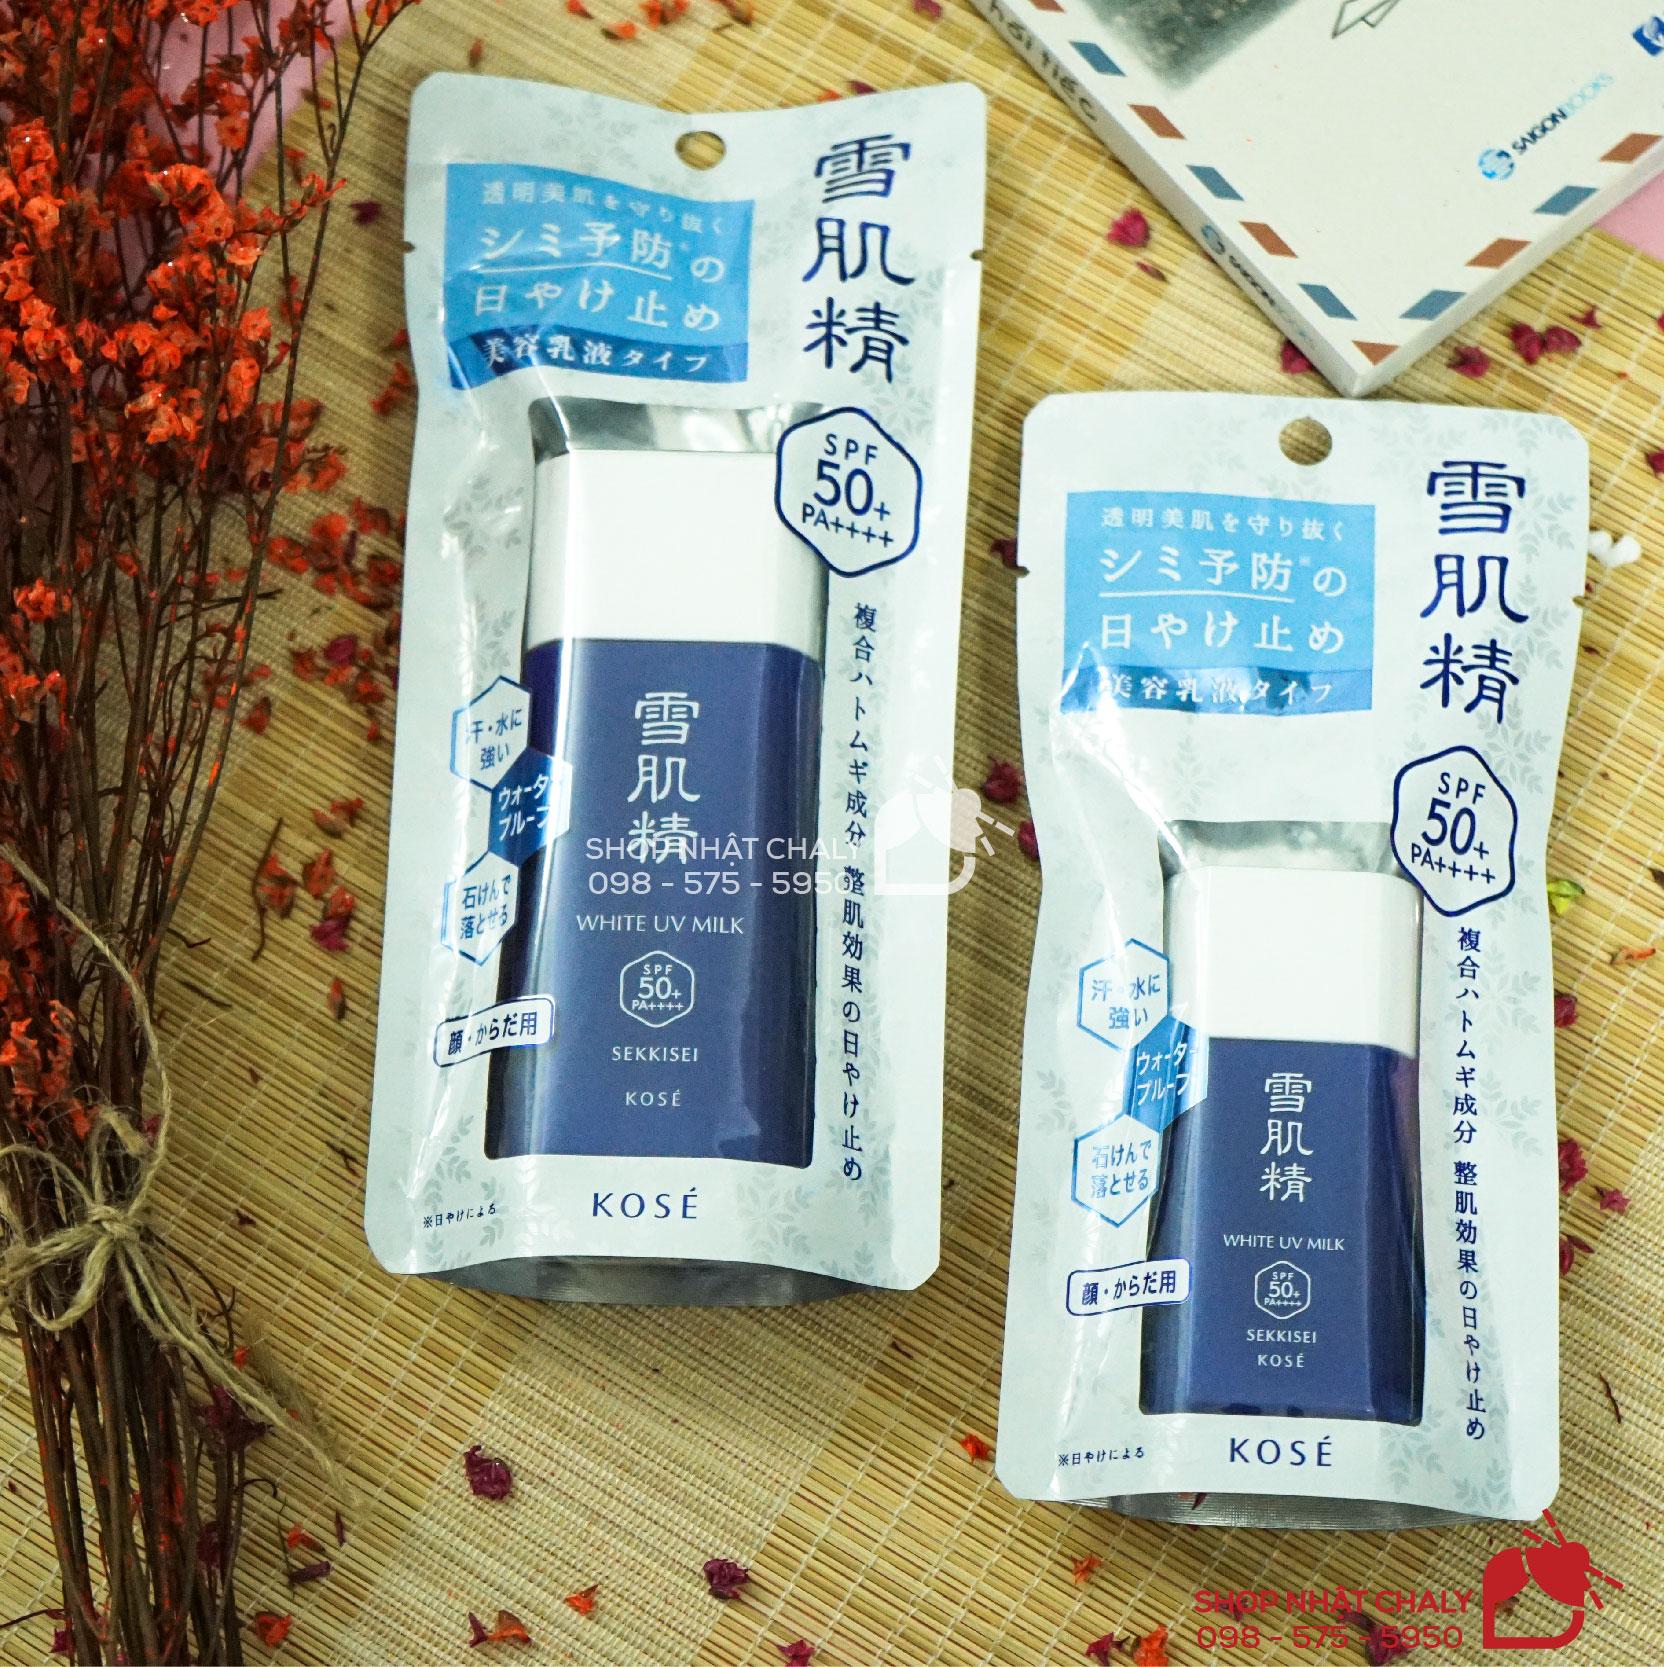 Kem chống nắng Kose Sekkisei sun protect essence milk thần thánh được đổi tên thành kem chống nắng KOSE WHITE UV MILK trong phiên bản mới 2019